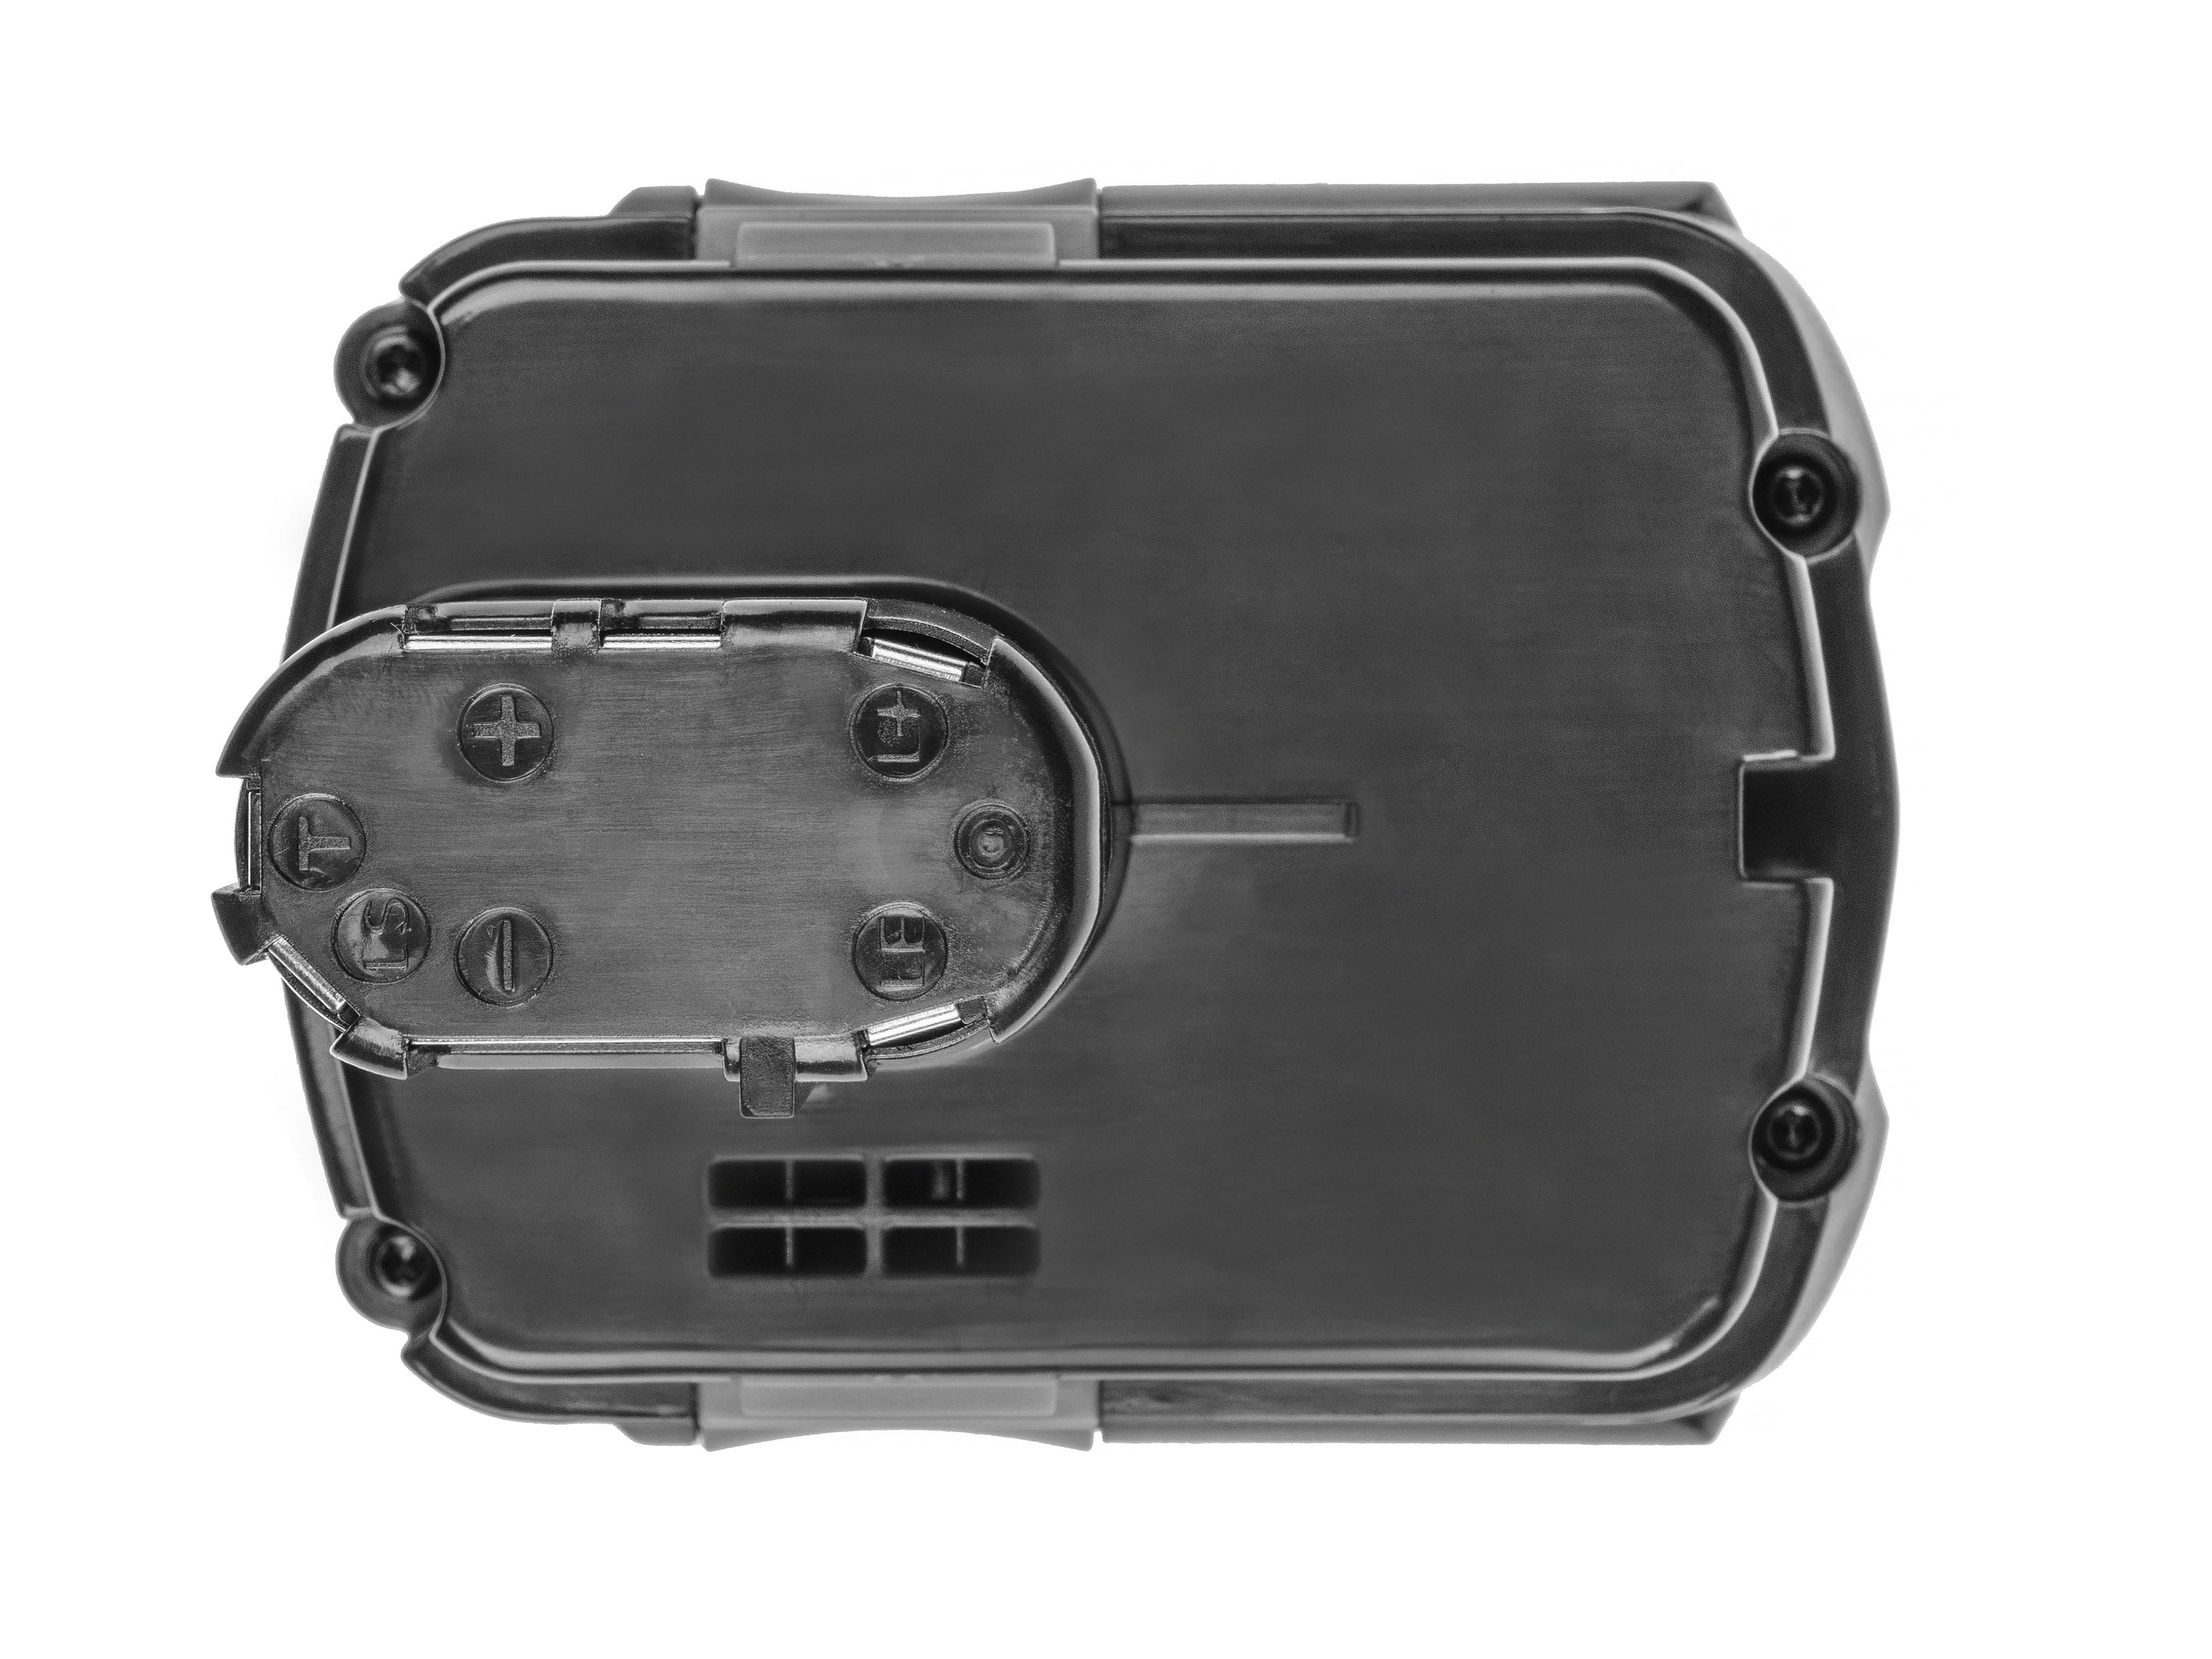 Green Cellverktyg batteri Hitachi CJ14DL BCL1415 14.4V 2.5Ah